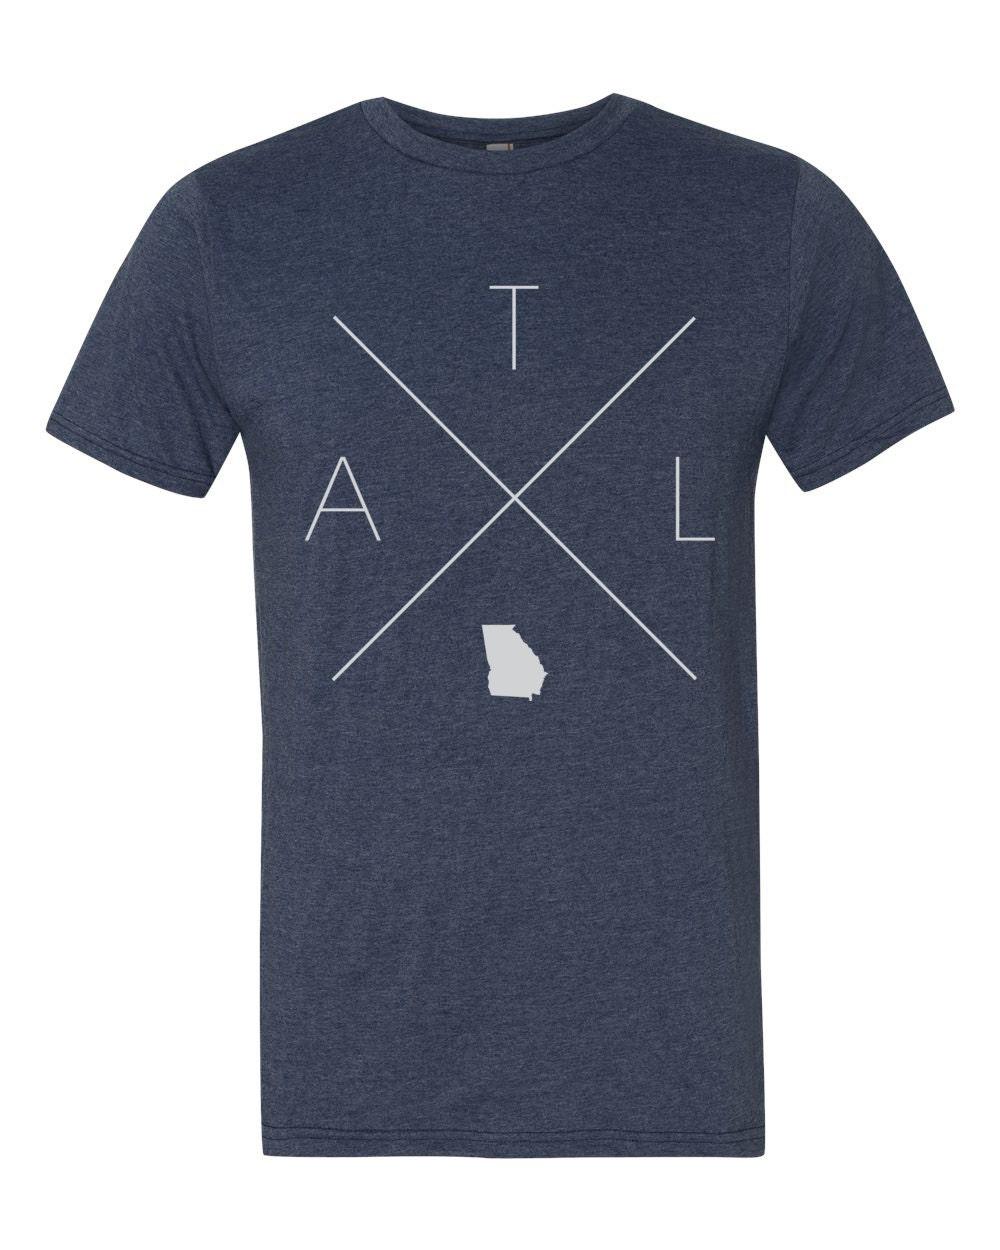 Georgia home t shirt atlanta shirt atl shirt for Atlanta custom t shirts